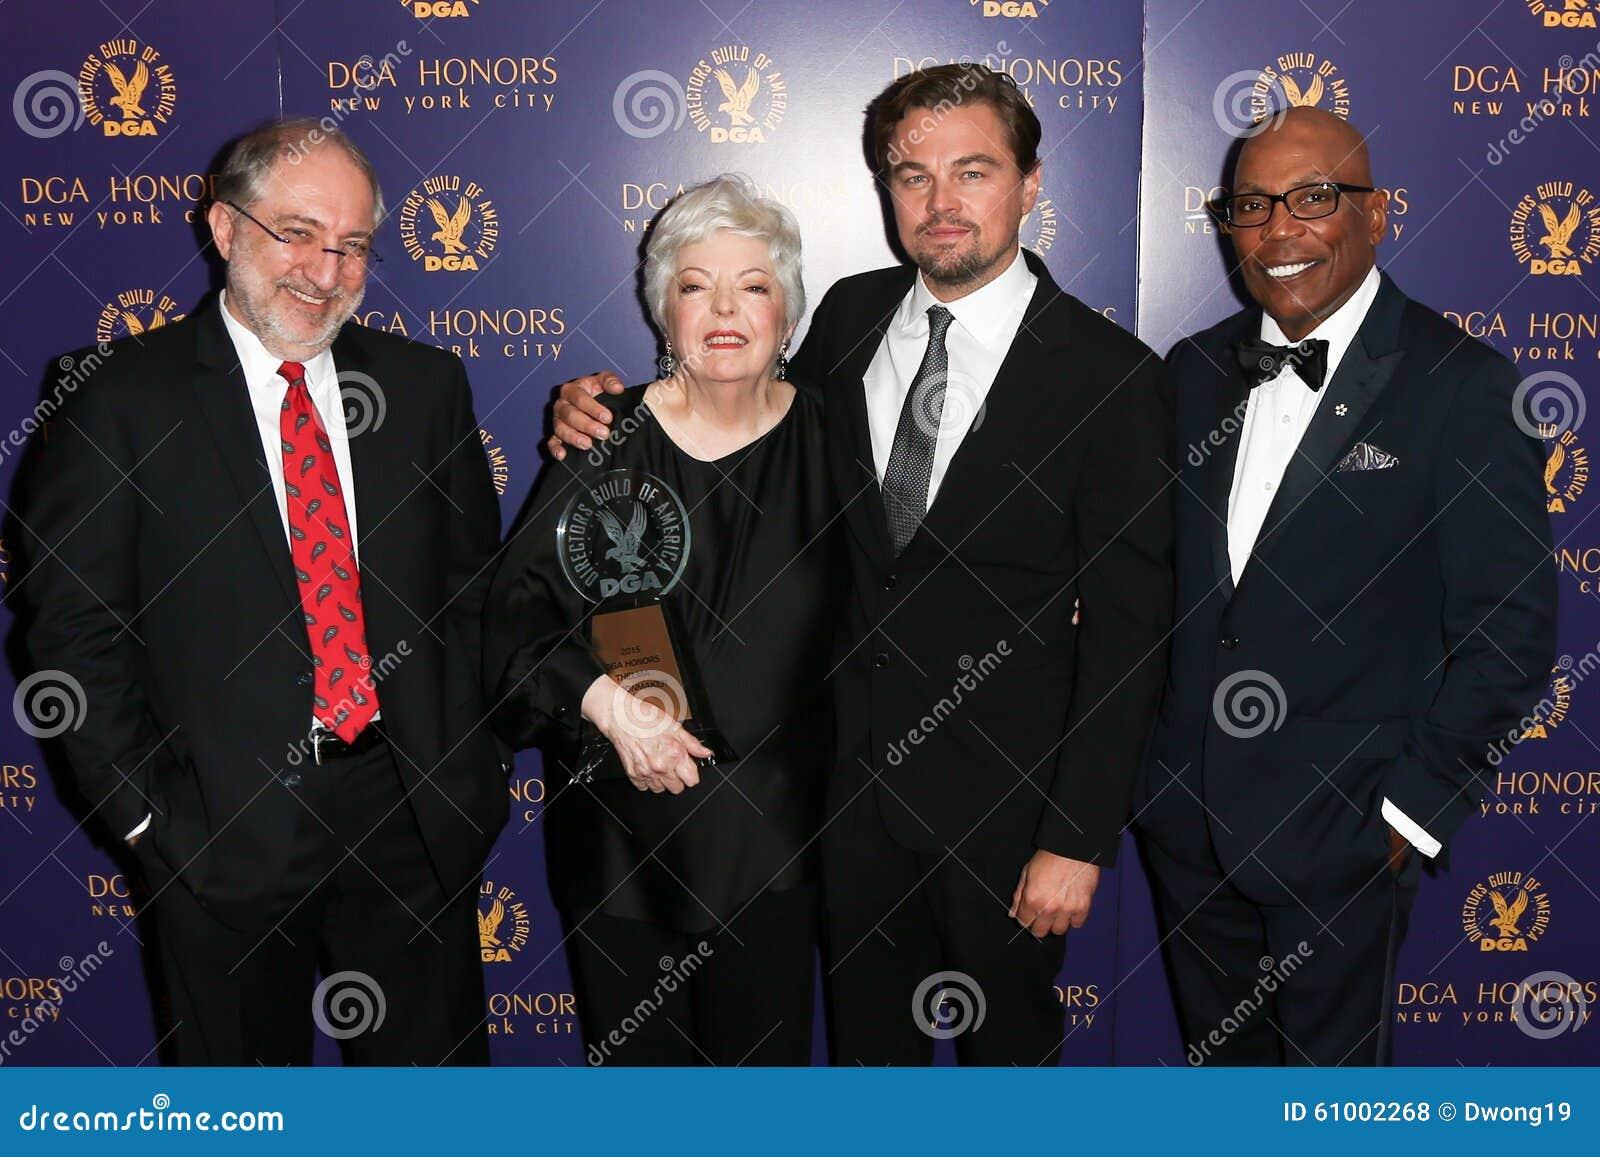 Vincent Misiano, Thelma Schoonmaker, Leonardo DiCaprio, Paris Barclay